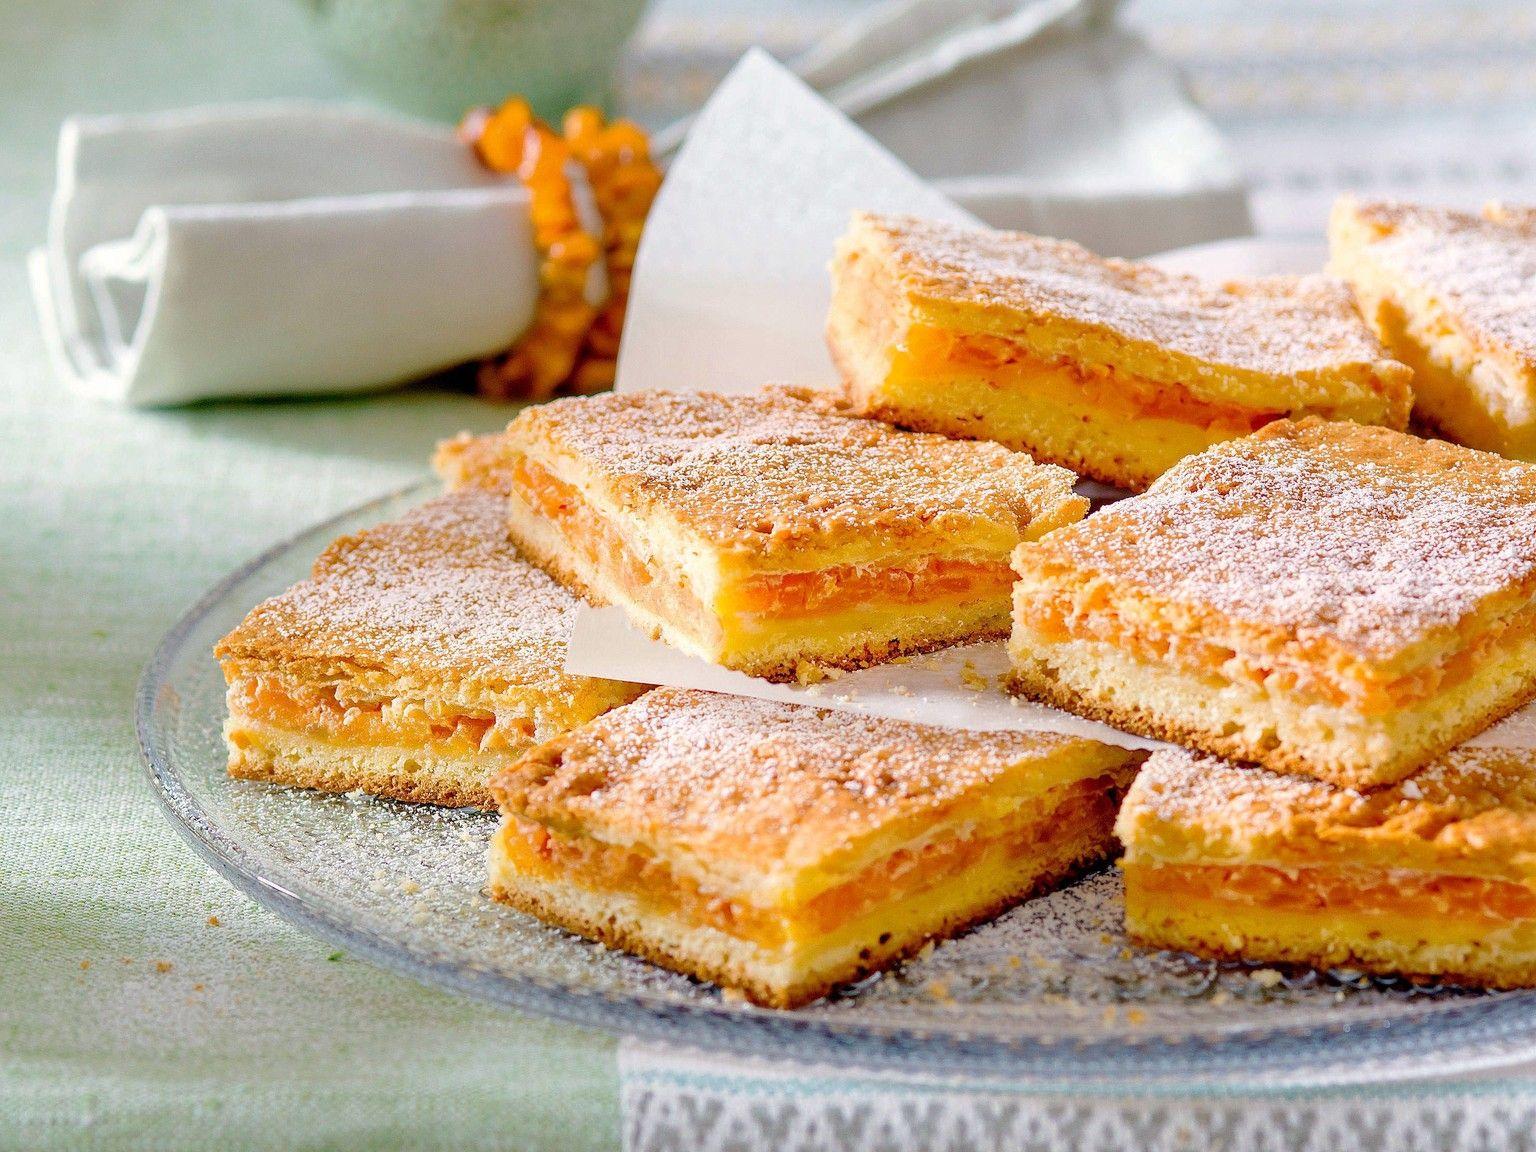 Gedeckter Apfelkuchen Vom Blech Rezept Apfelkuchen Gedeckter Apfelkuchen Kuchen